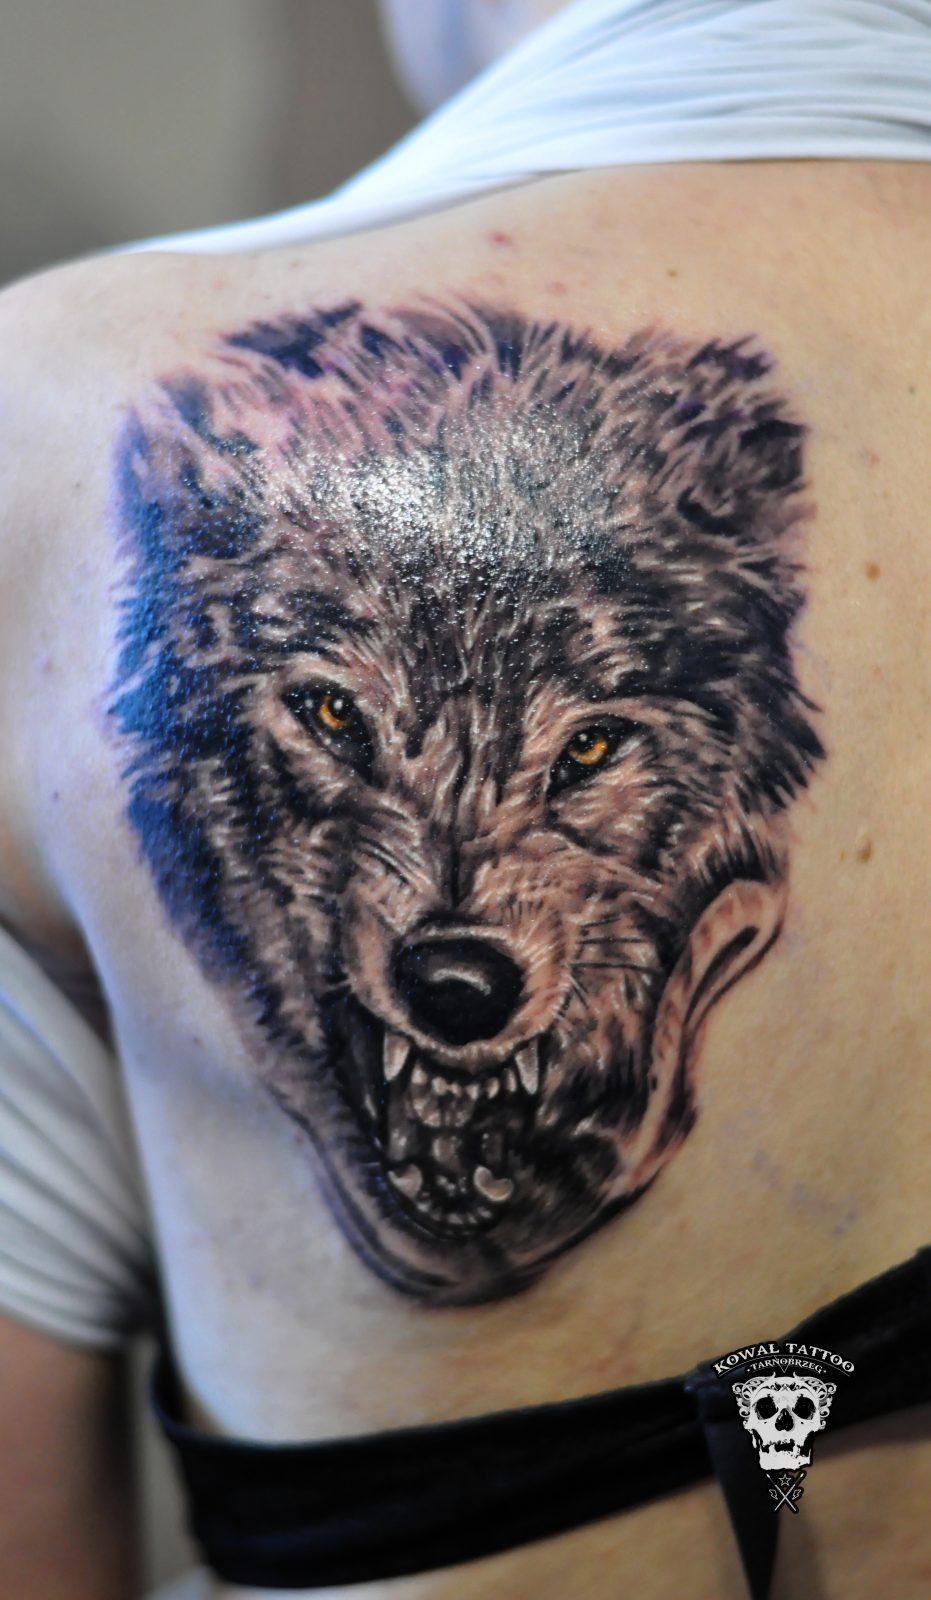 tatuaz_tarnobrzeg_32